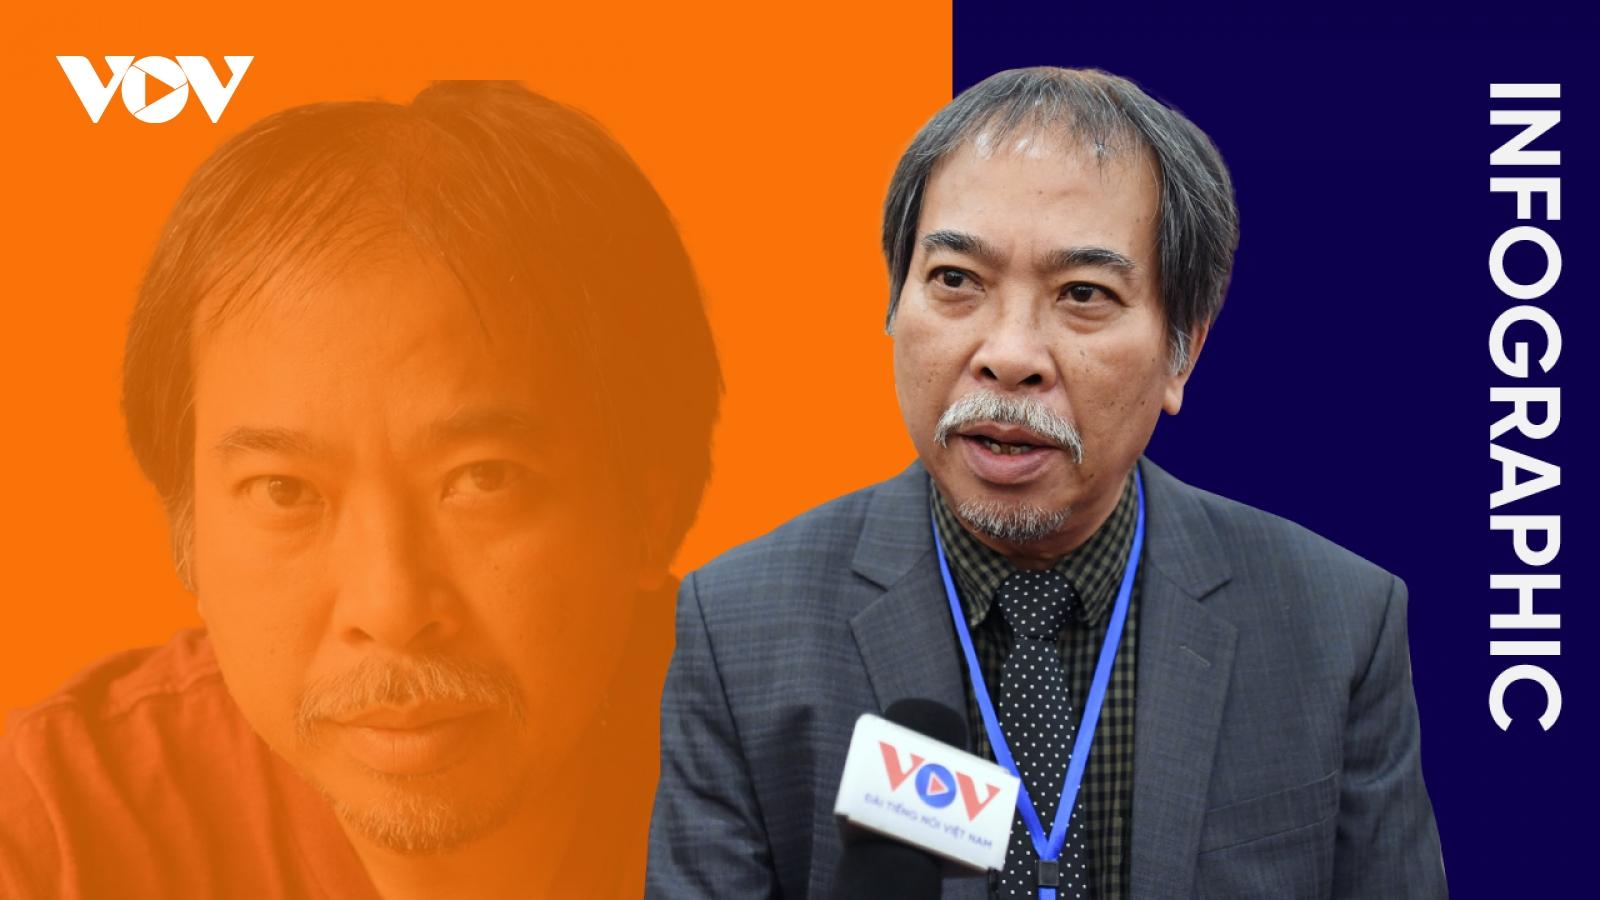 Chân dung nhà thơ Nguyễn Quang Thiều - Chủ tịch Hội Nhà văn Việt Nam khóa X